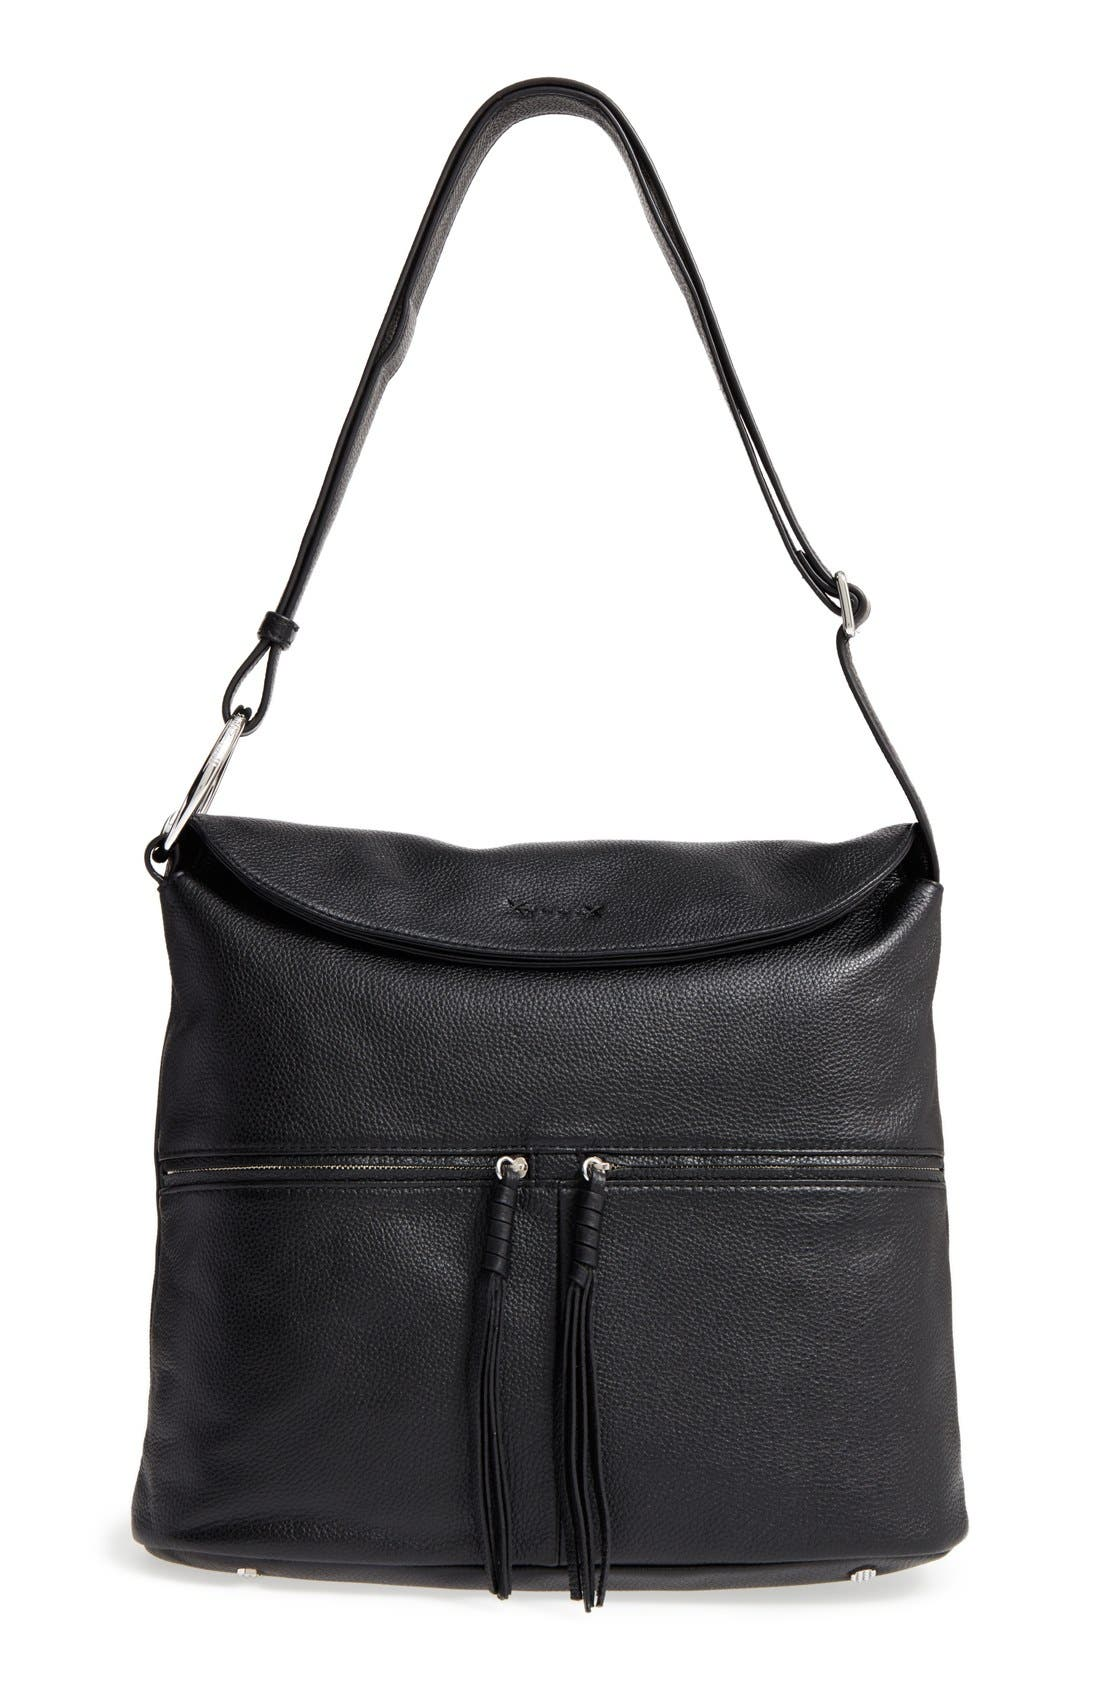 Finley Leather Hobo Bag,                             Main thumbnail 1, color,                             Black